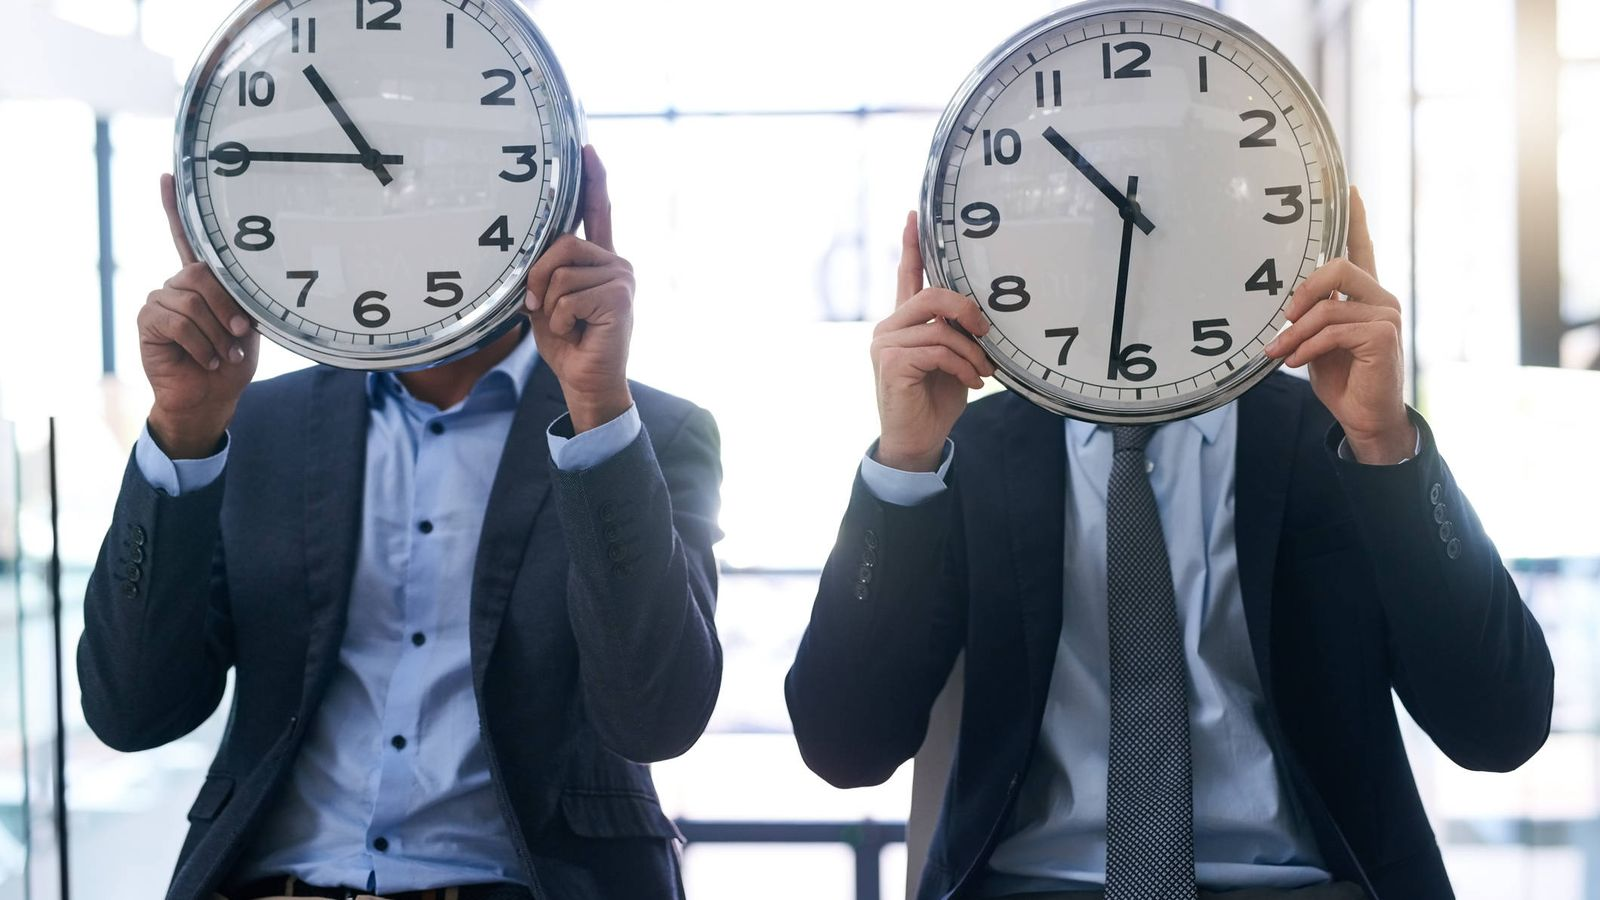 3c5a73d33c31 Test inteligencia  El acertijo del reloj que pone a prueba tu orgullo (y  otros 2 problemas sobre el tiempo)